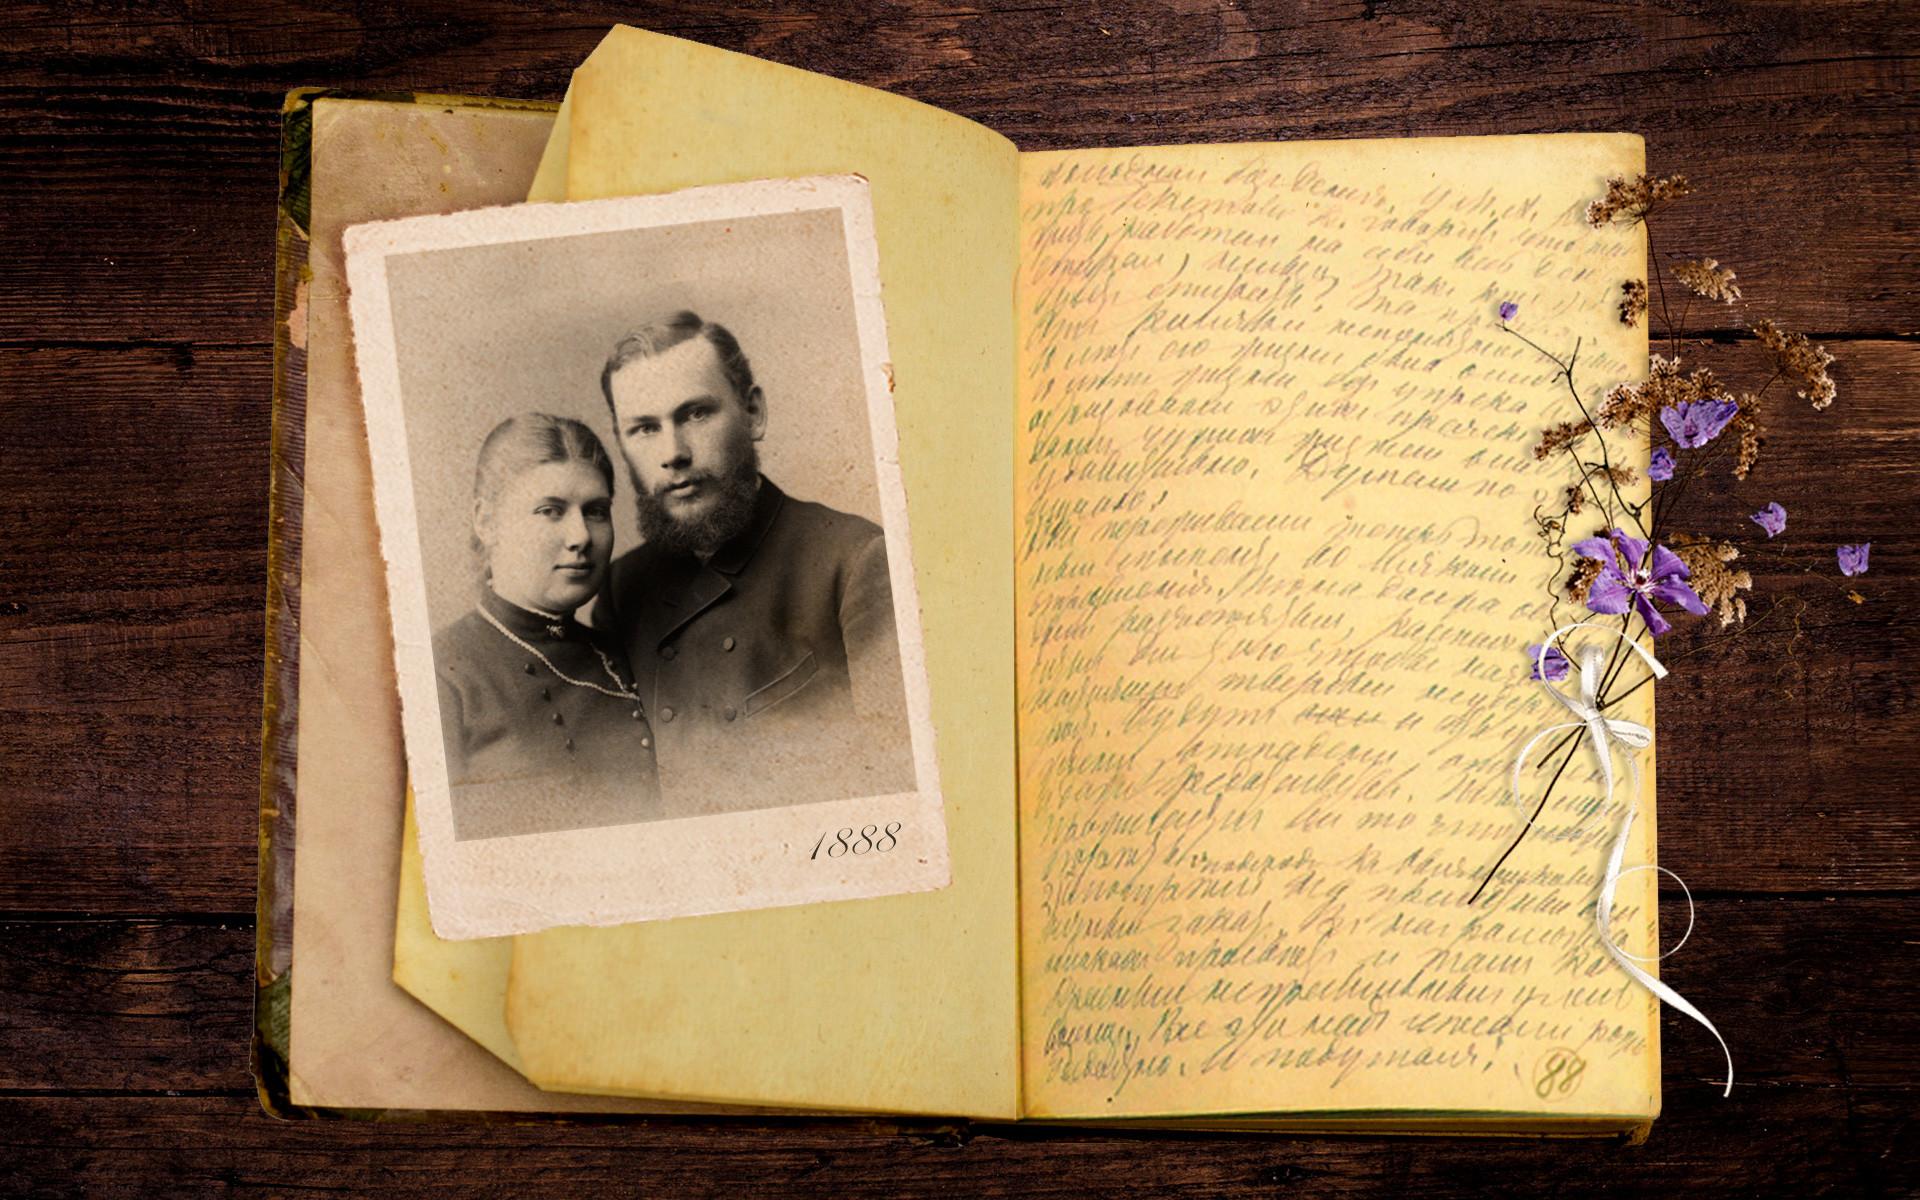 Лав Толстој са женом Софијом, 1888. година, дневник Лава Толстоја.